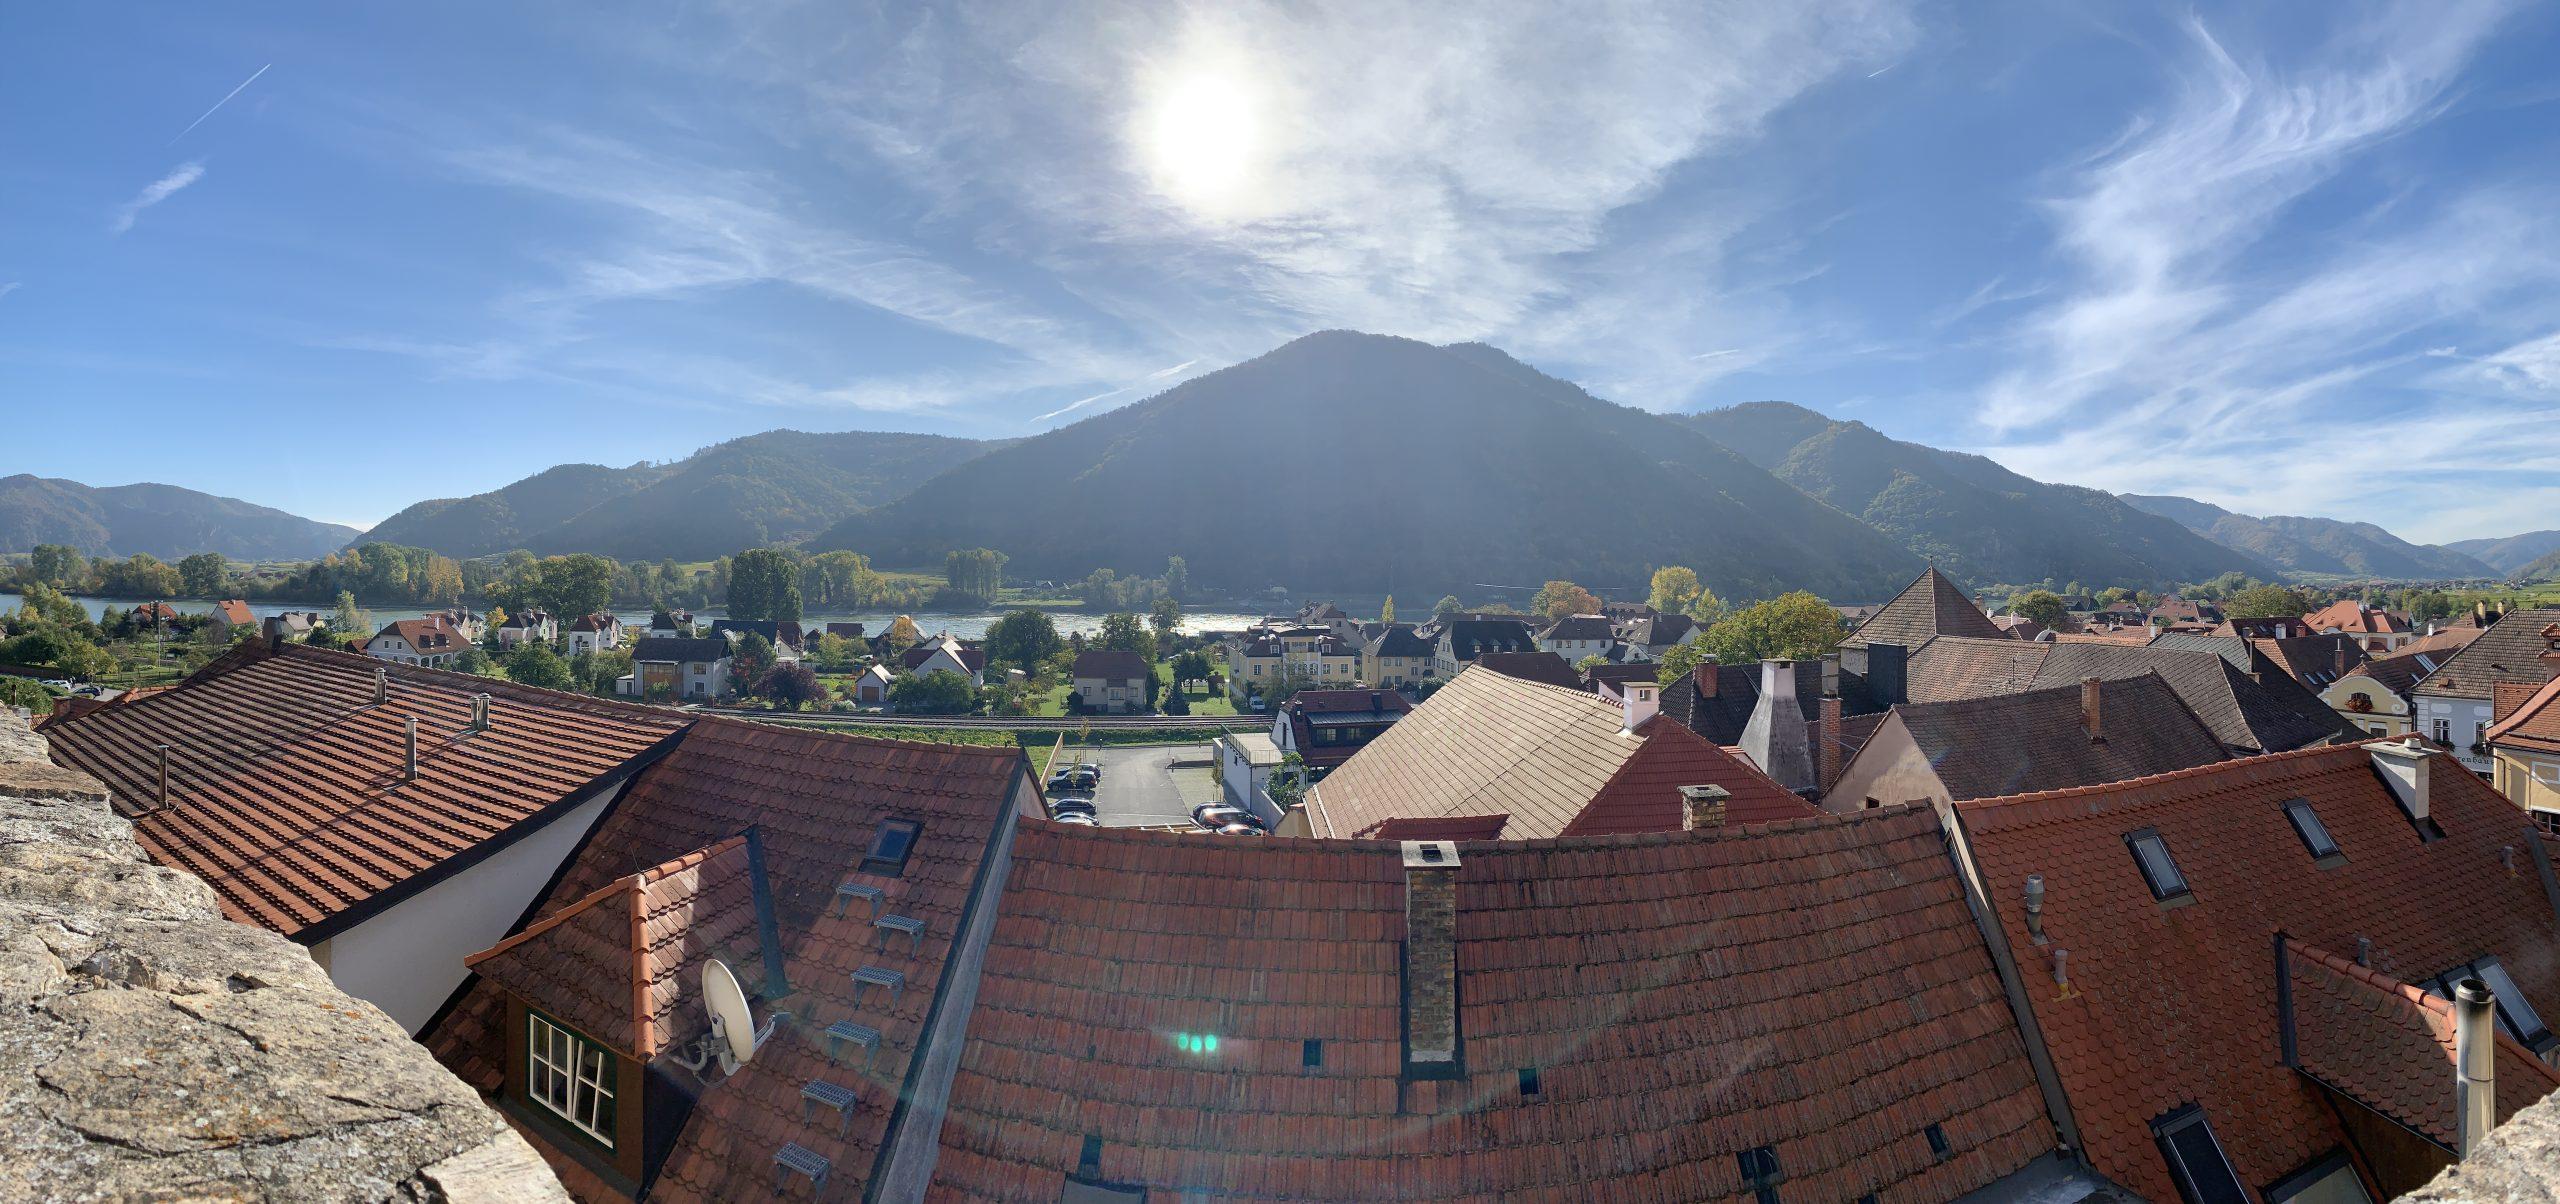 visiting Weissenkirchen (view)